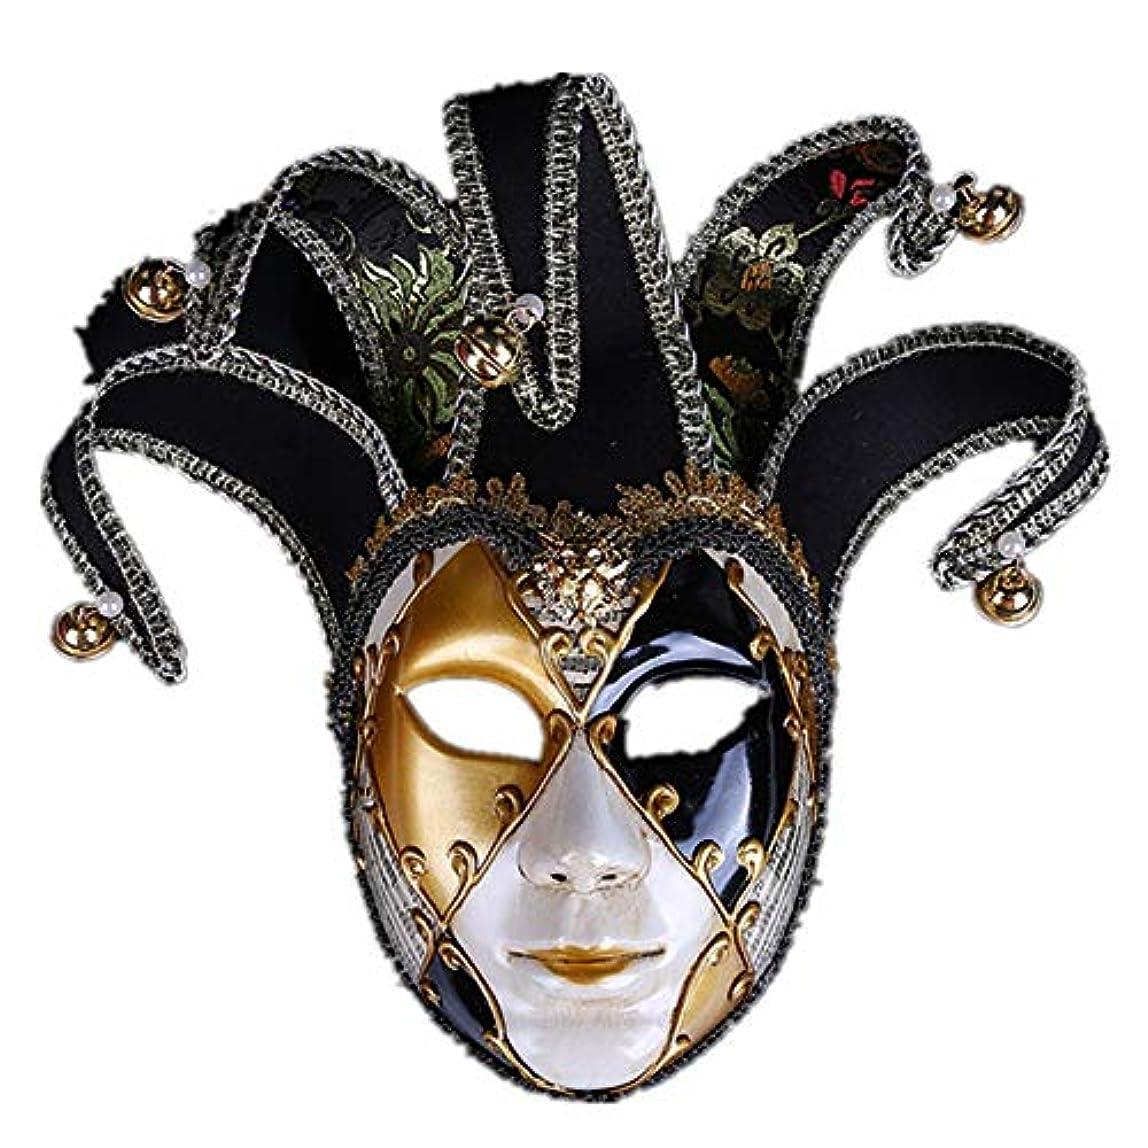 流産見える大胆なダンスマスク ハロウィーンパフォーマンスパフォーマンスマスクマスカレード雰囲気用品クリスマスホリデーパーティーボールハロウィーンカーニバル ホリデーパーティー用品 (色 : ブラック, サイズ : 45x15.8cm)